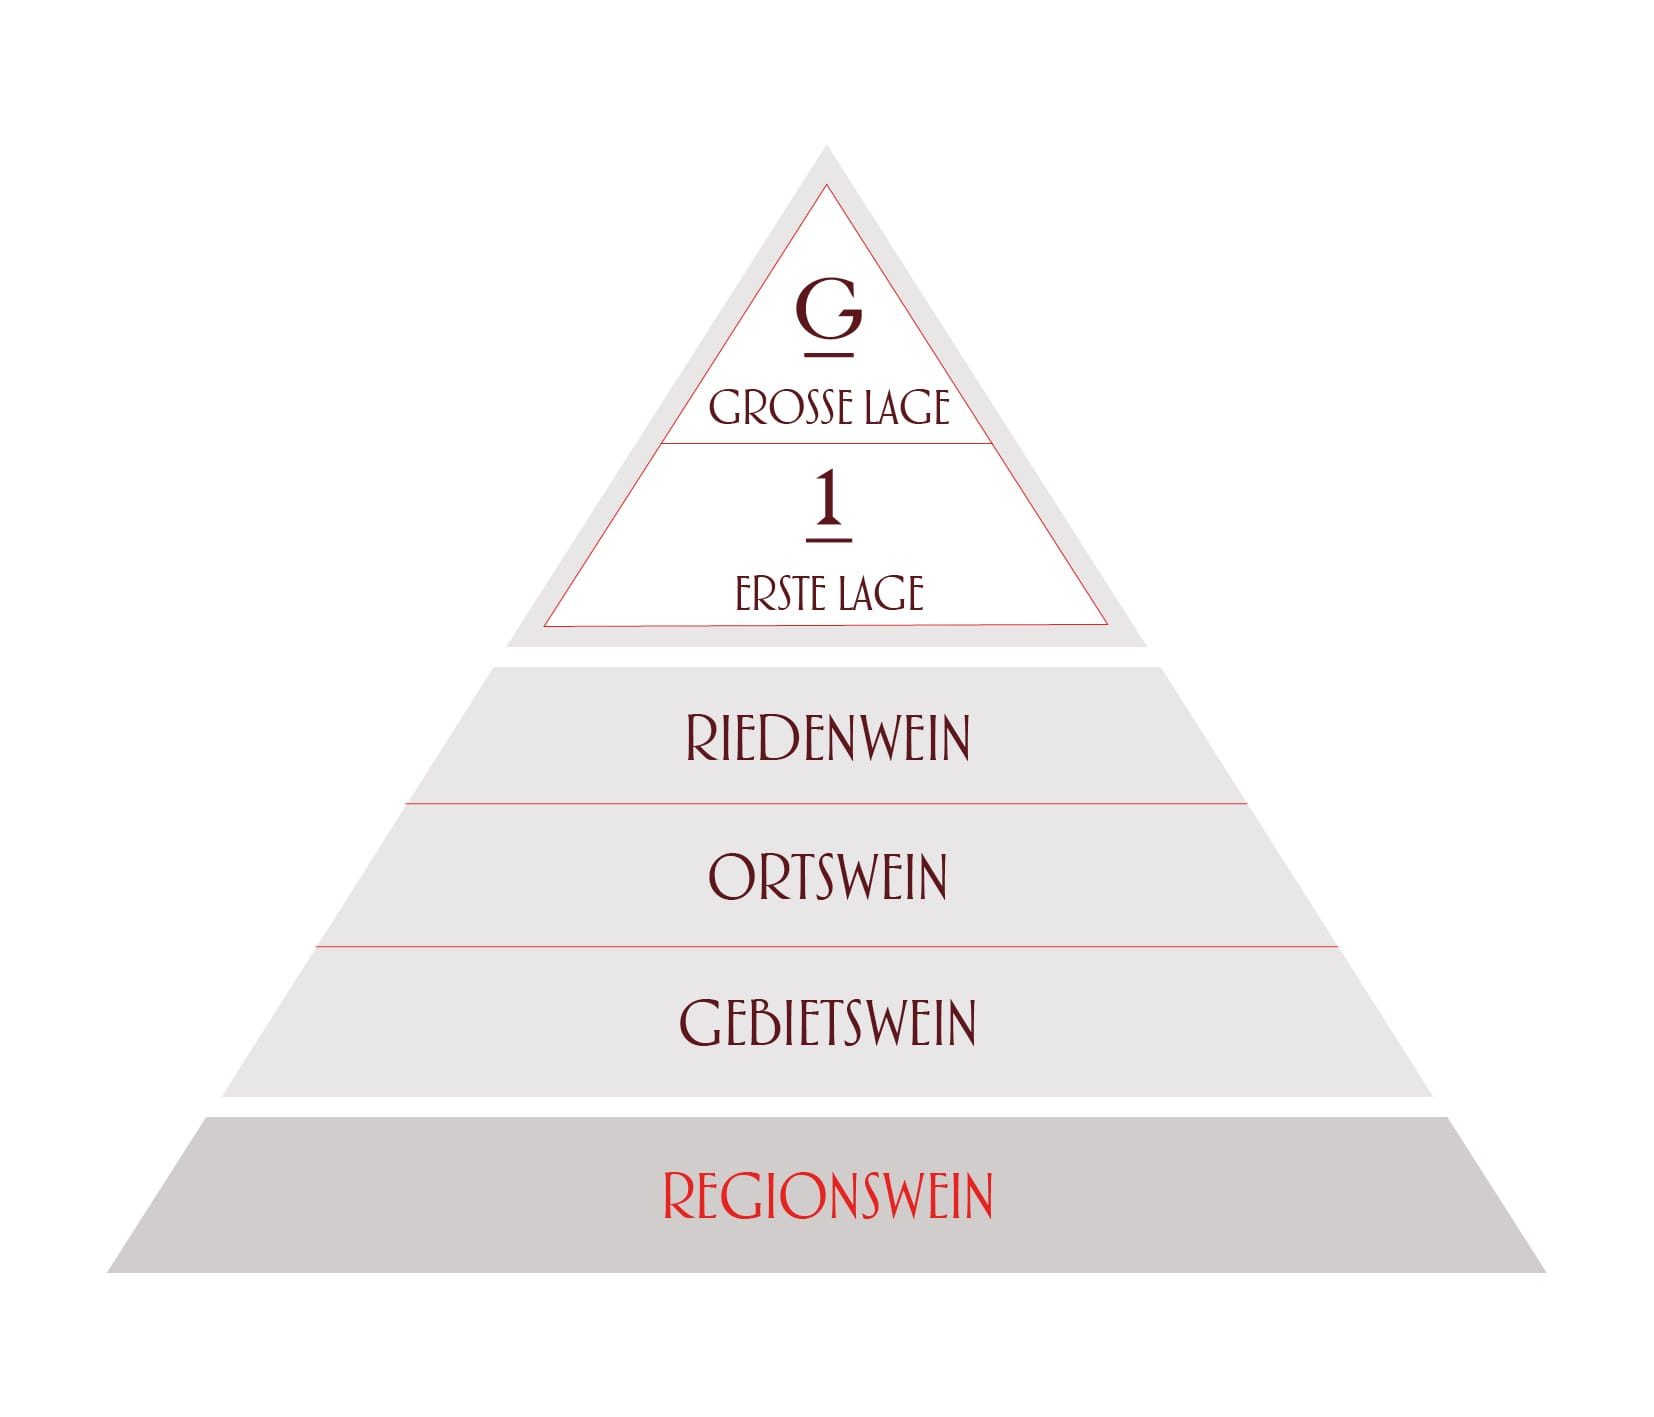 6 Regions